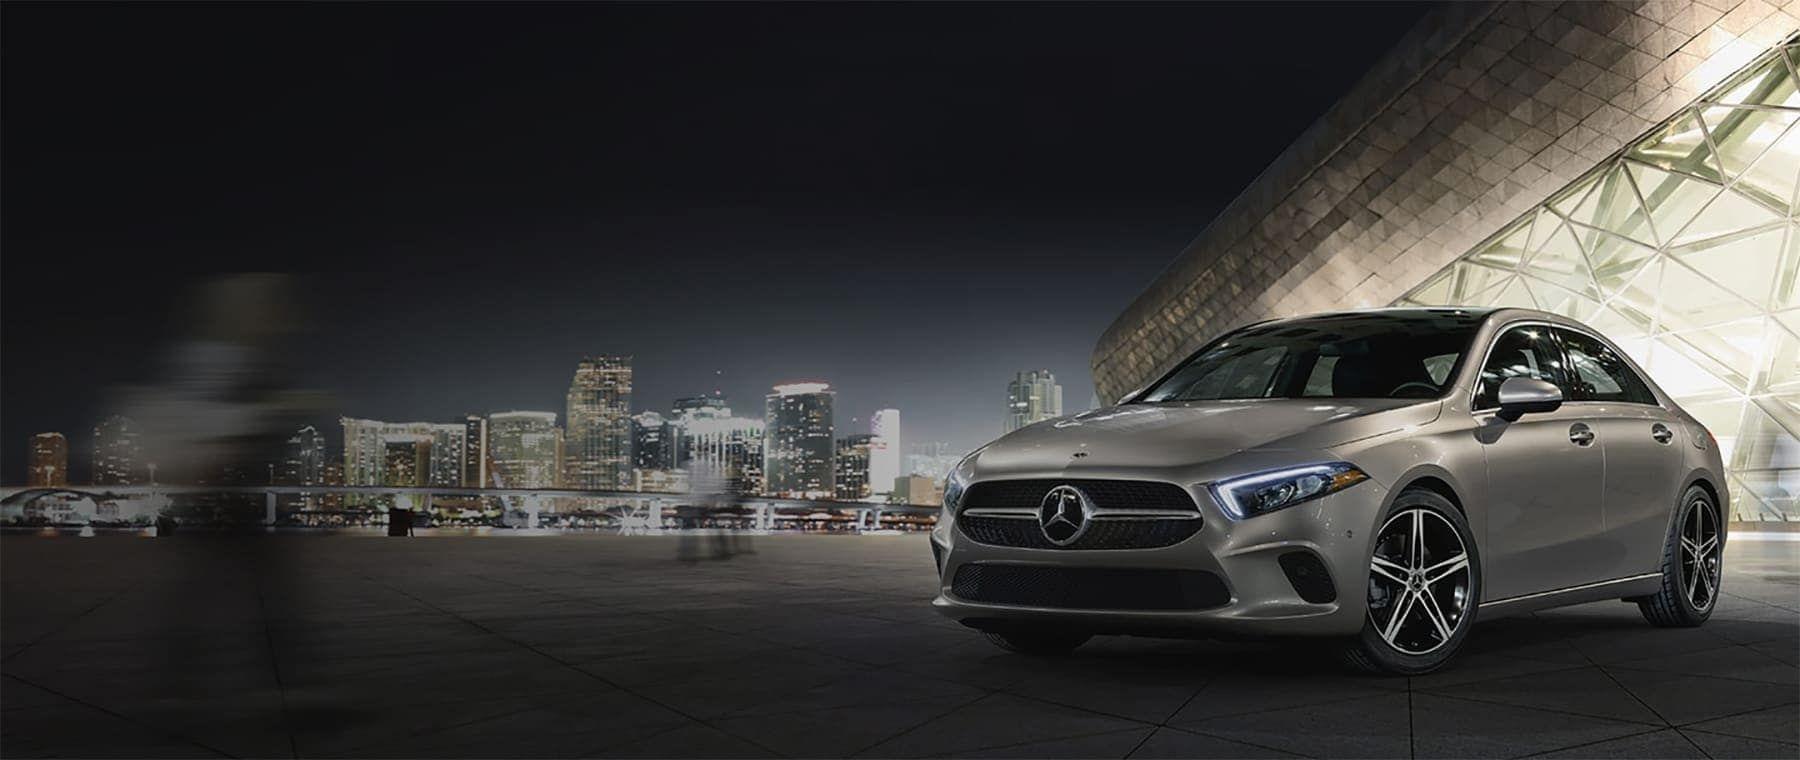 Mercedes Benz Dealer Near Me Ca Mercedesdealerescondido Mercedesdealernorthsandiego Rcedesdealersandiego Mercedesservice Mercedes Benz Mercedes Car Dealer